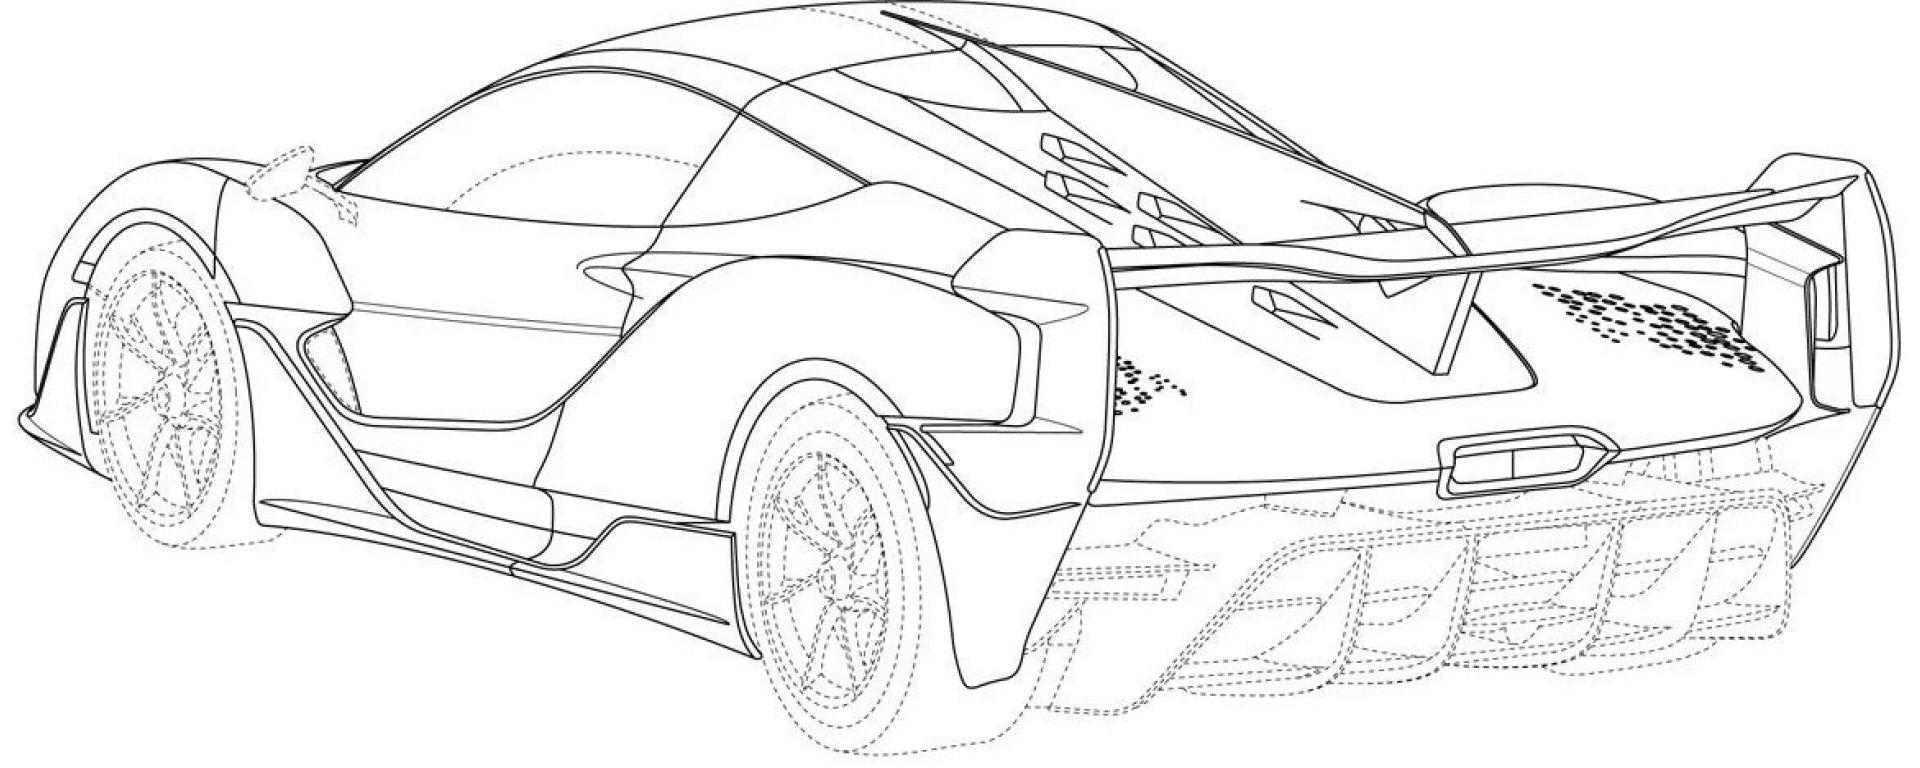 McLaren Sabre: i disegni rilasciati all'ufficio brevetti